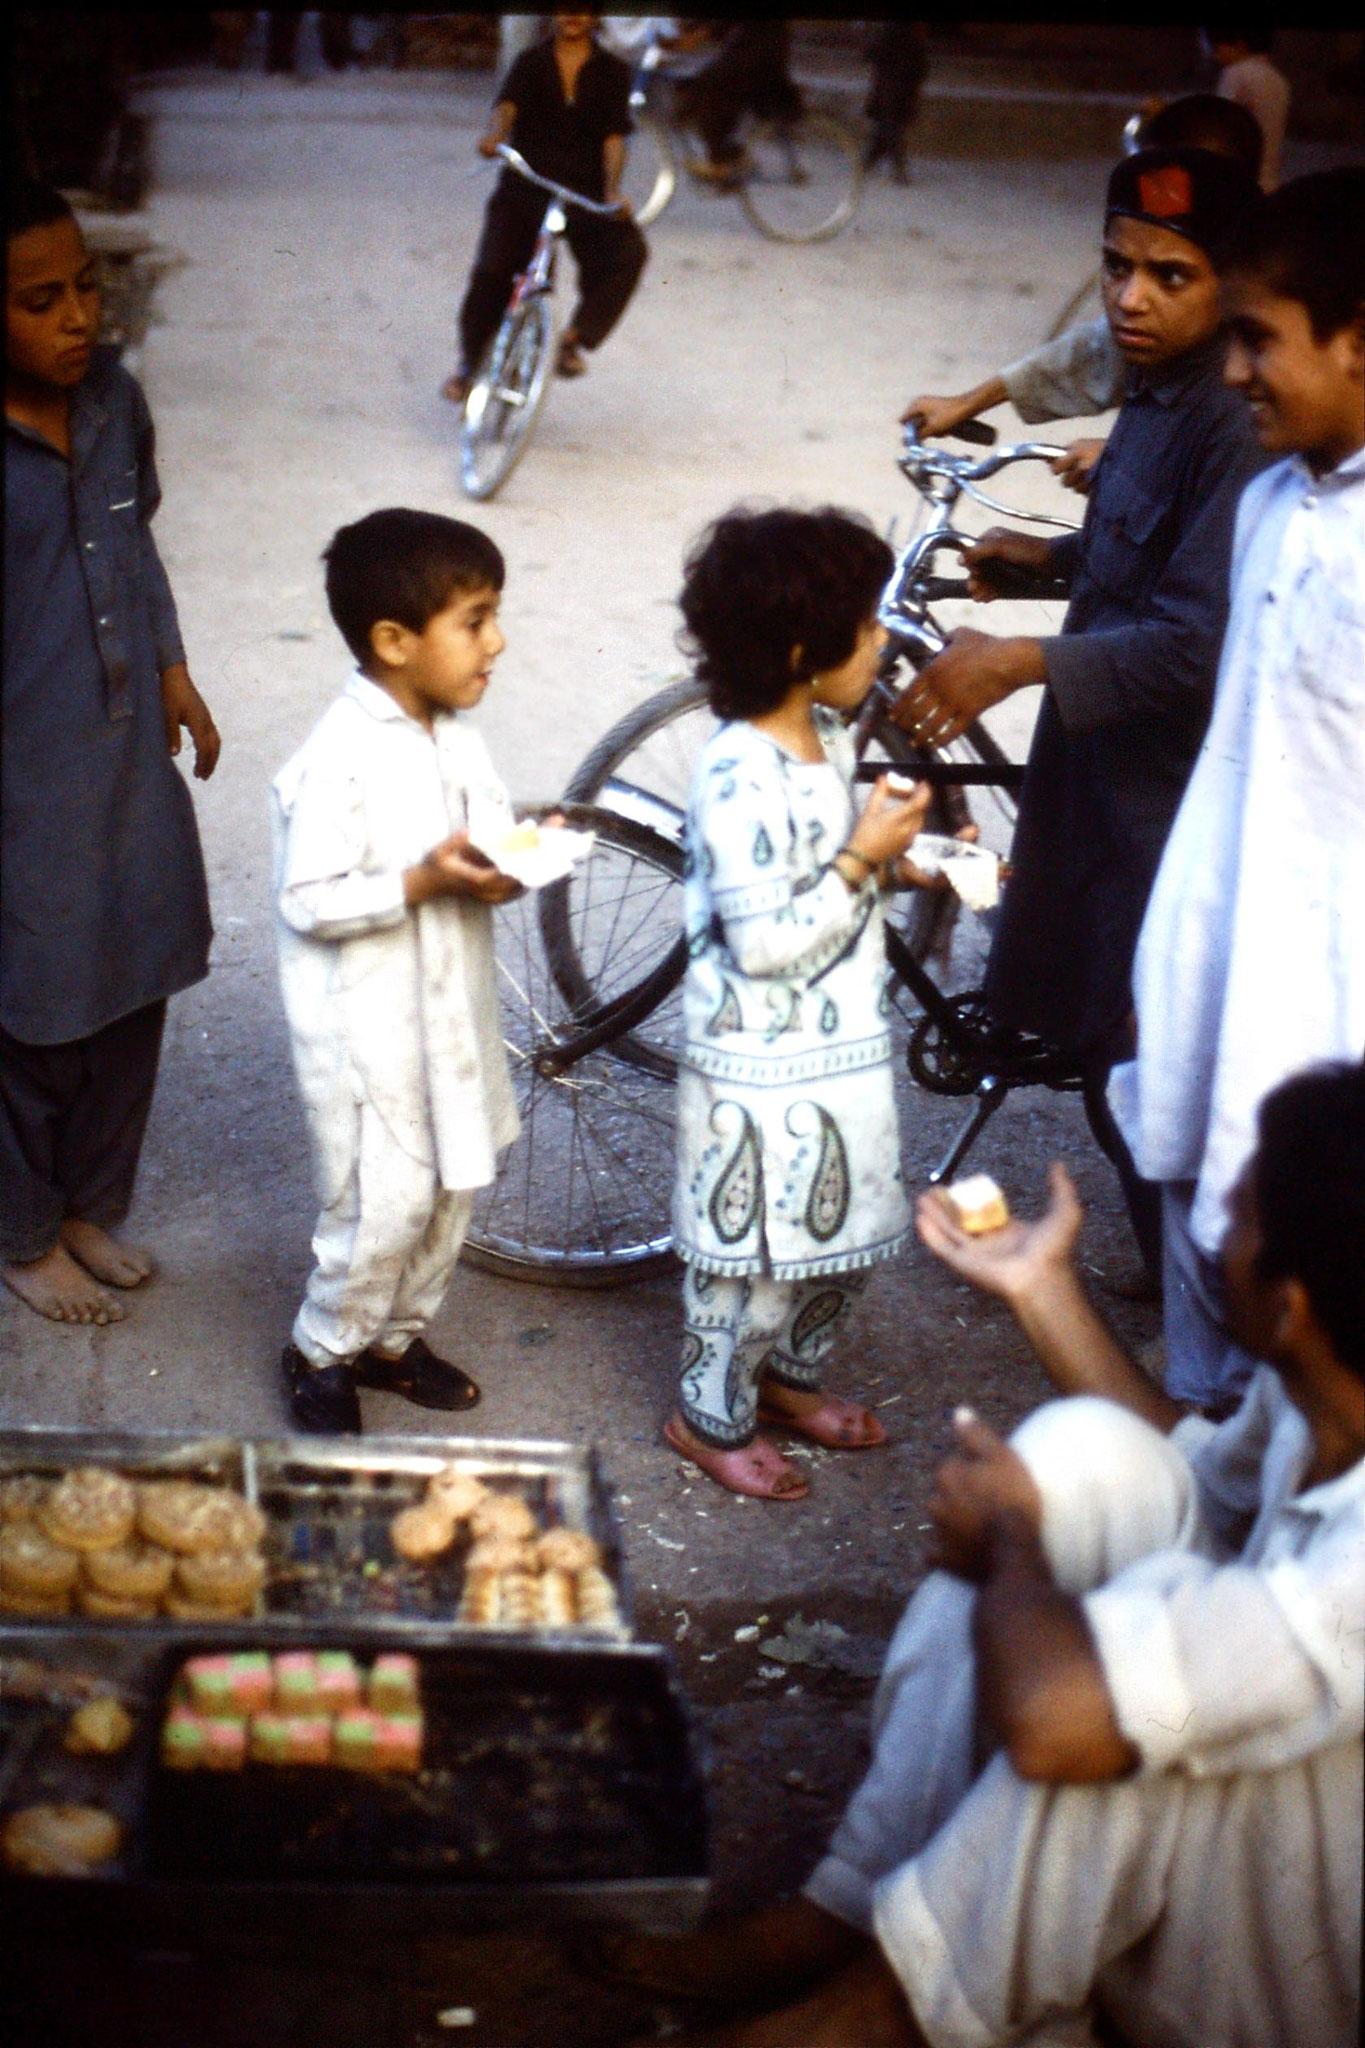 3/11/1989: 9: Peshawar